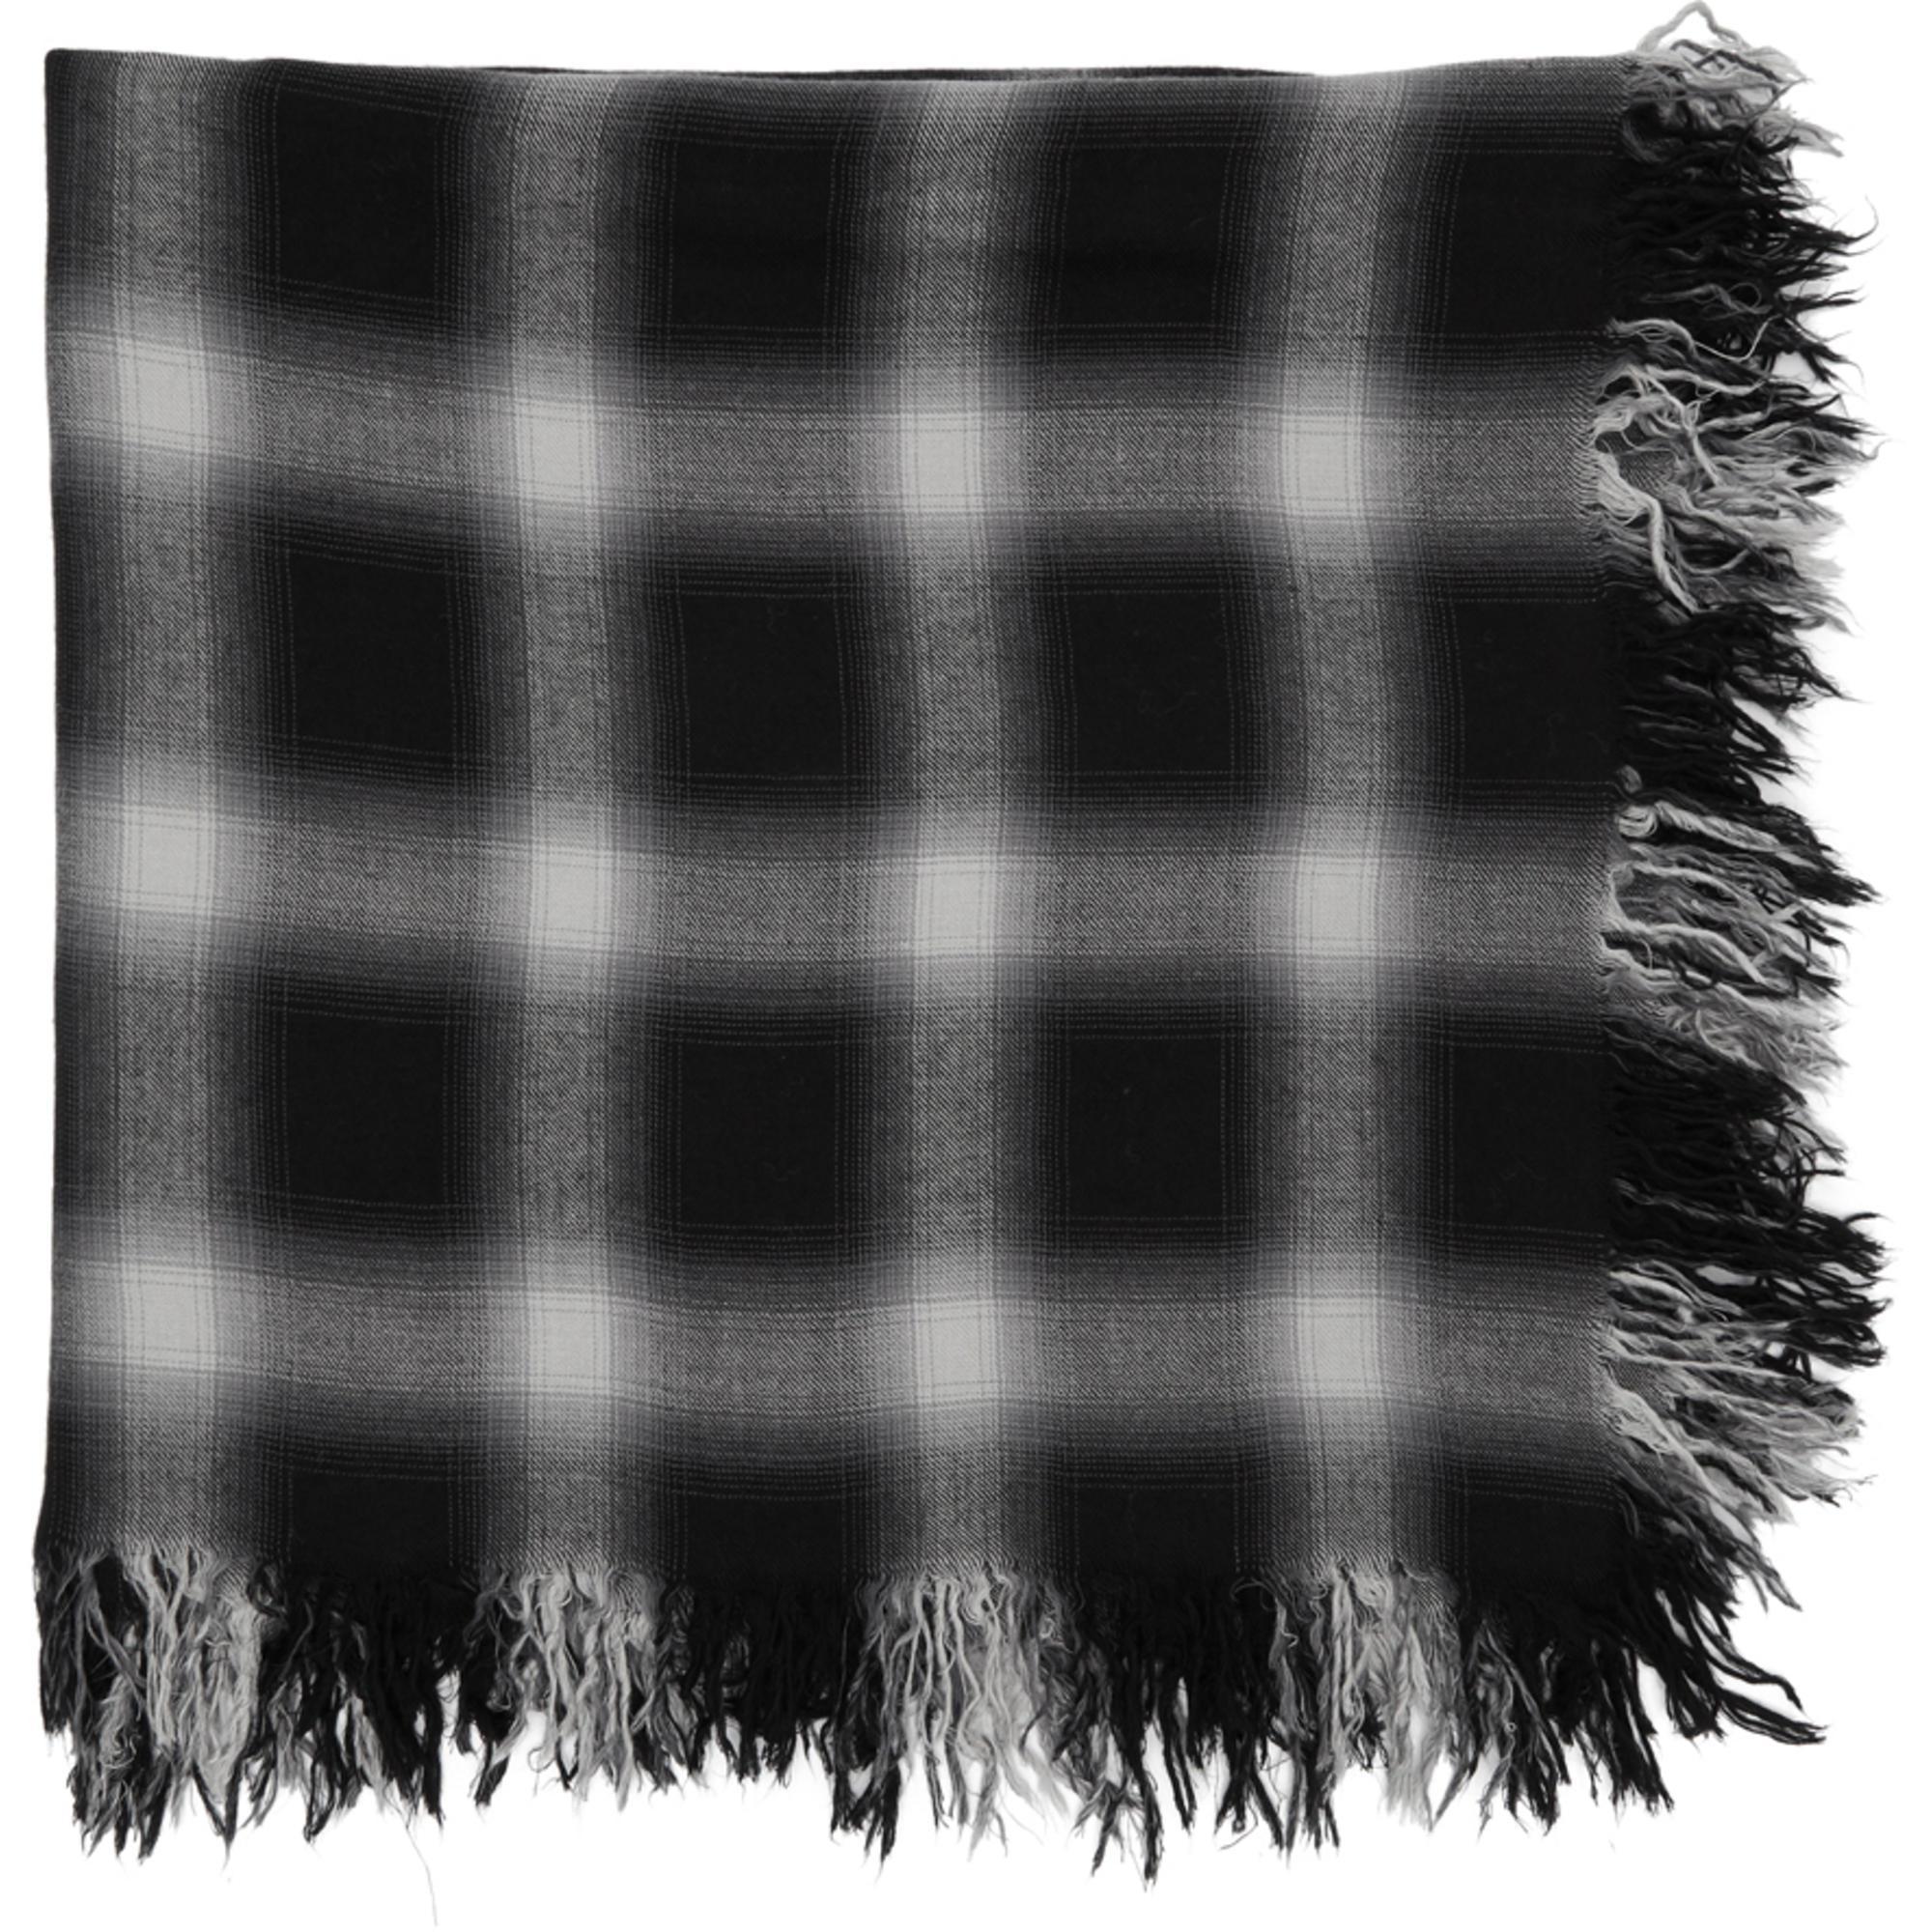 Lyst - Foulard à carreaux noir et blanc Attachment pour homme en ... db5ae7fa148